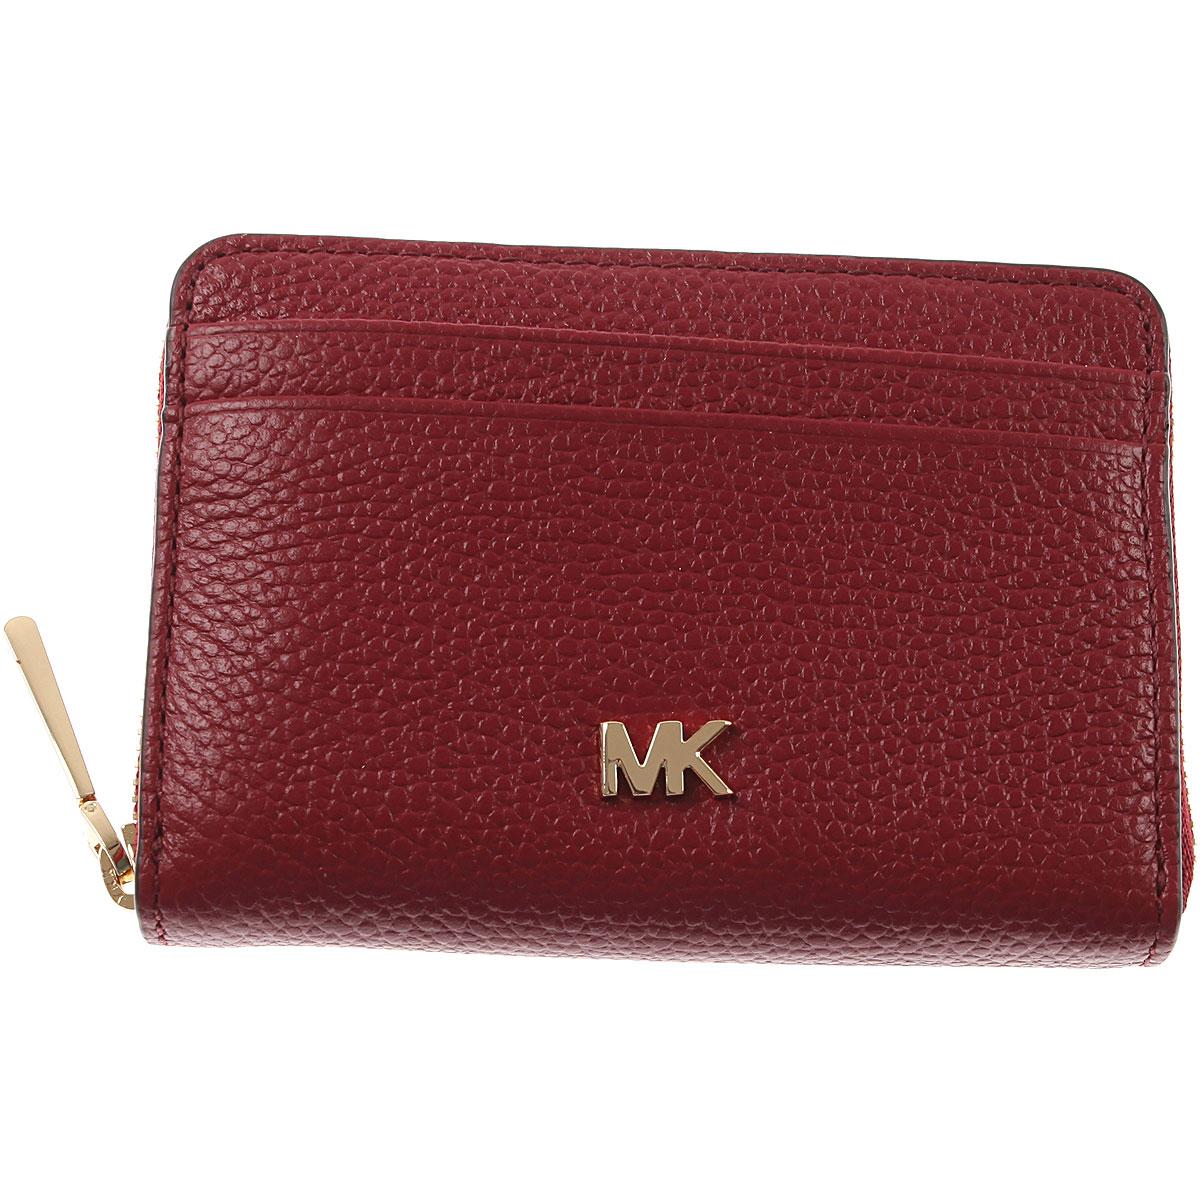 Michael Kors Wallet for Women, Maroon, pelle, 2019